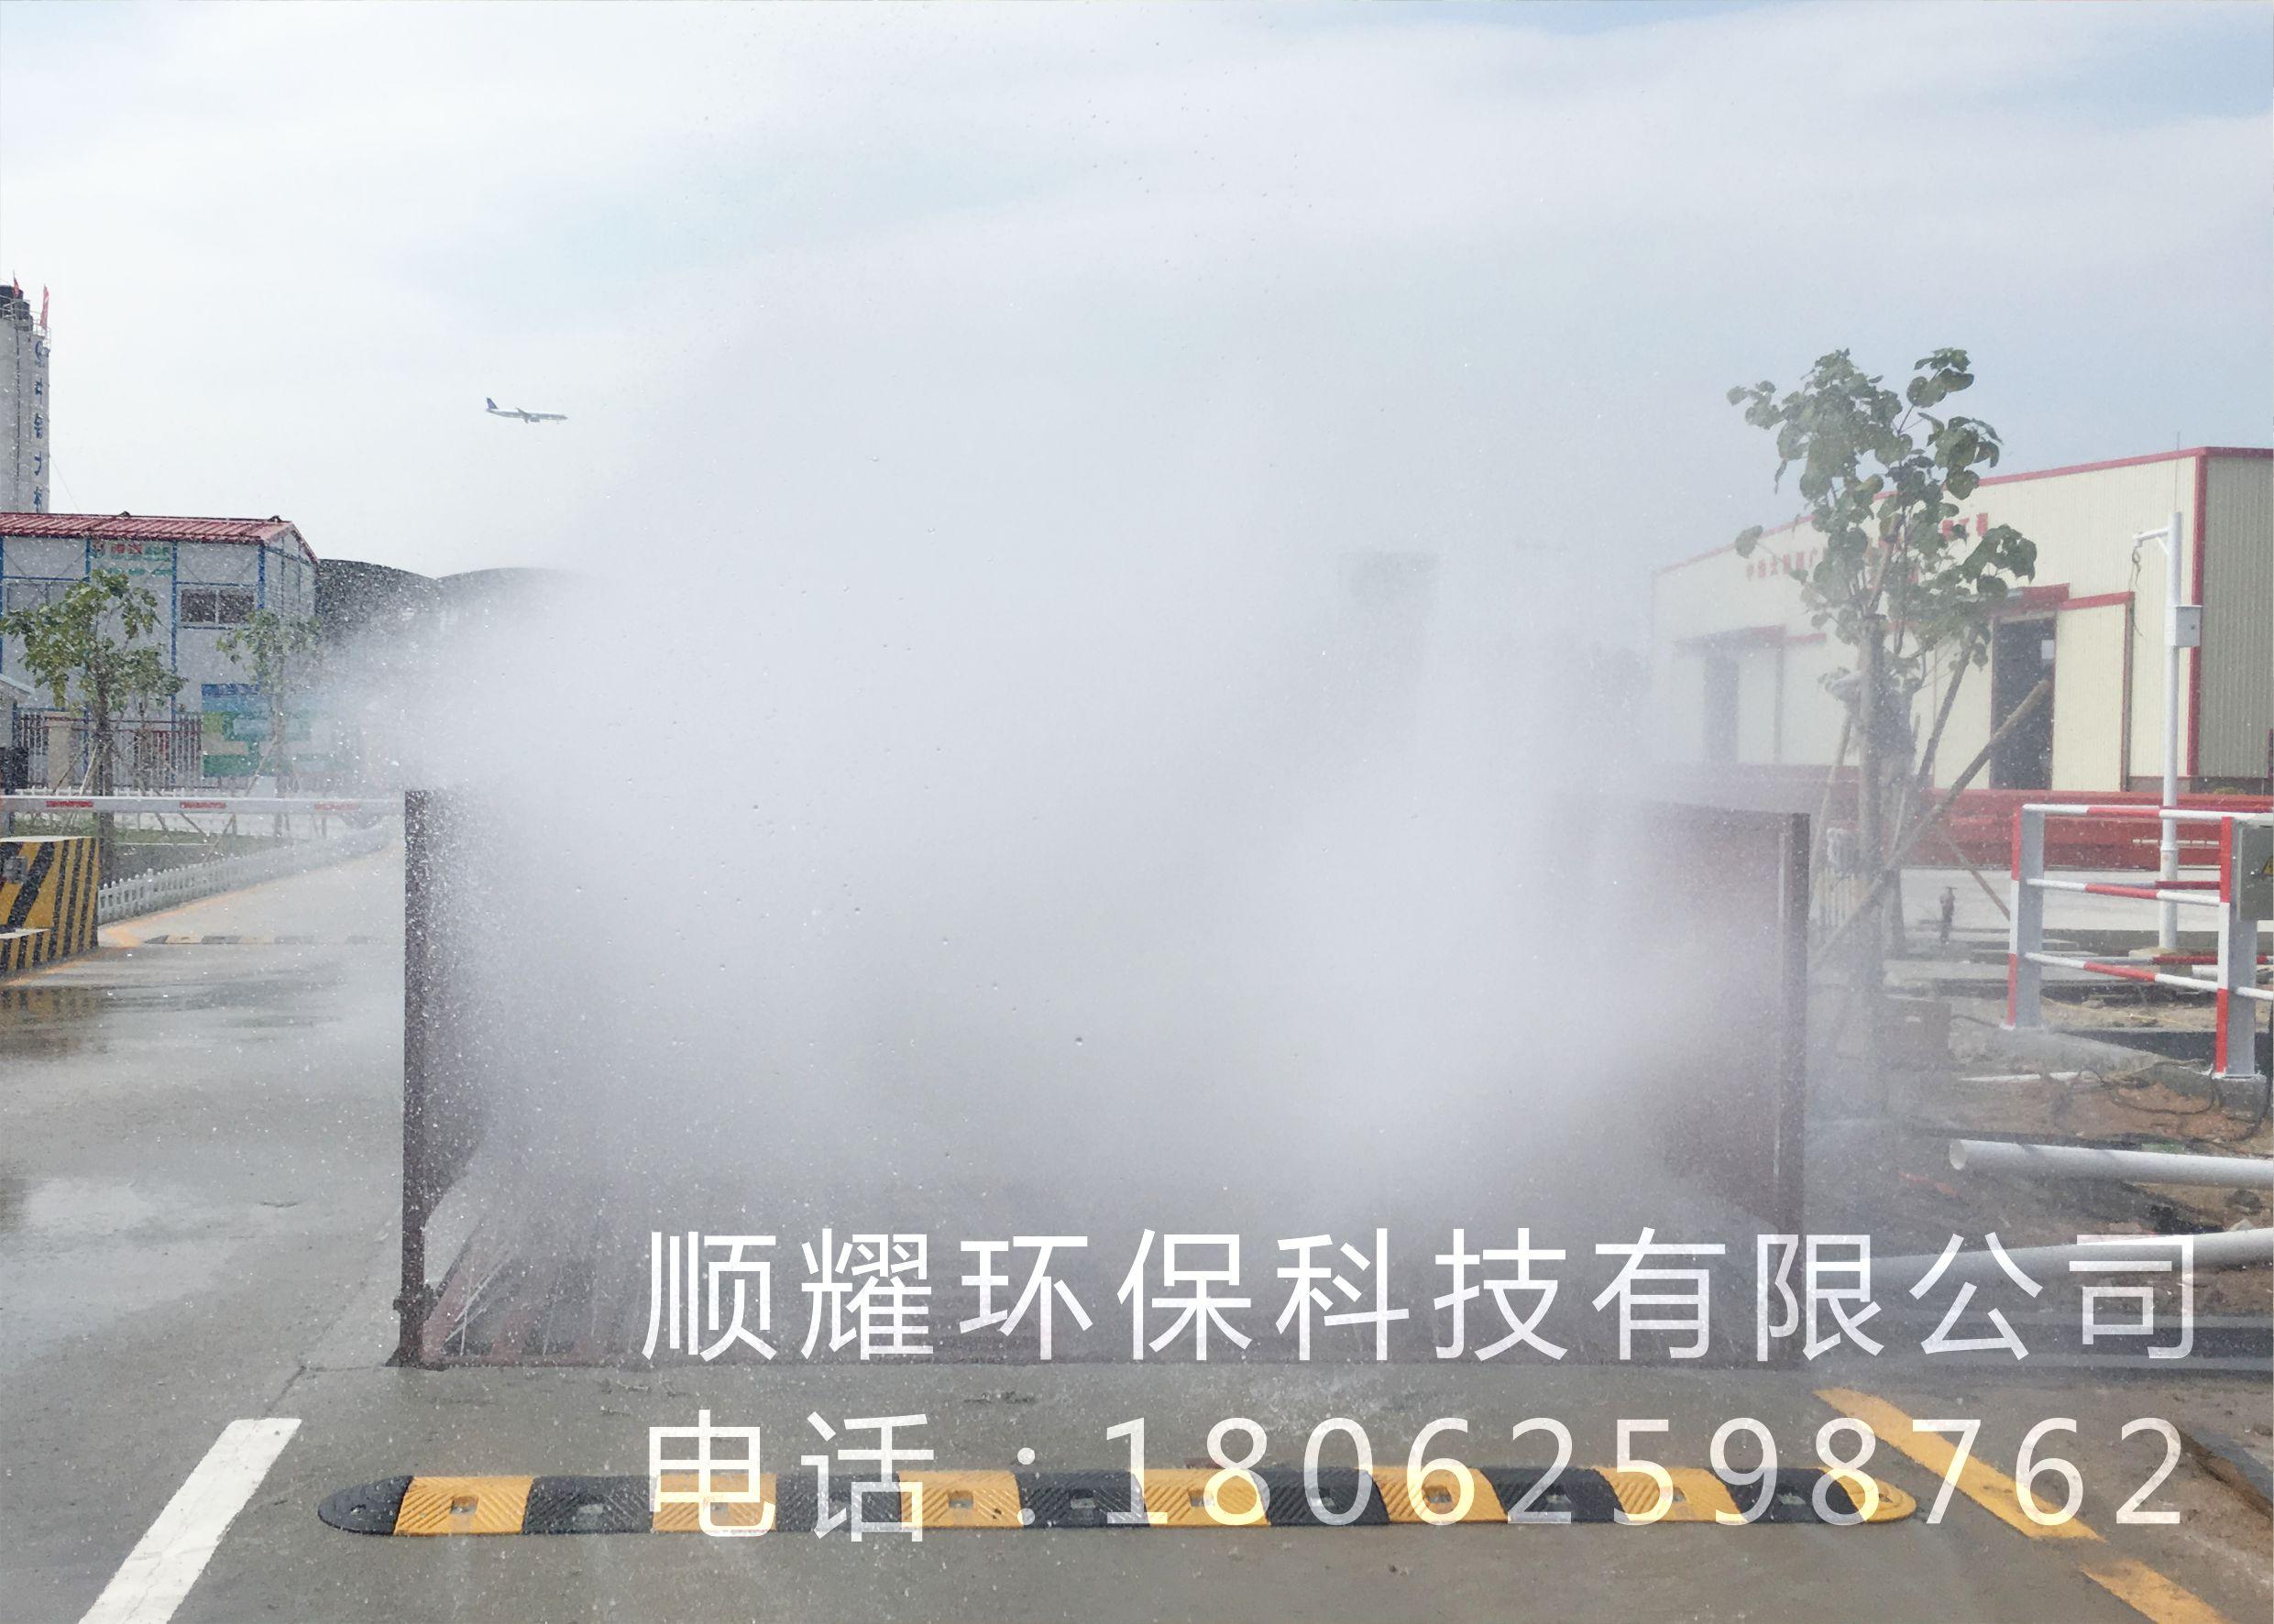 襄樊工地扬尘治理解决方案襄阳工地洗轮机价位